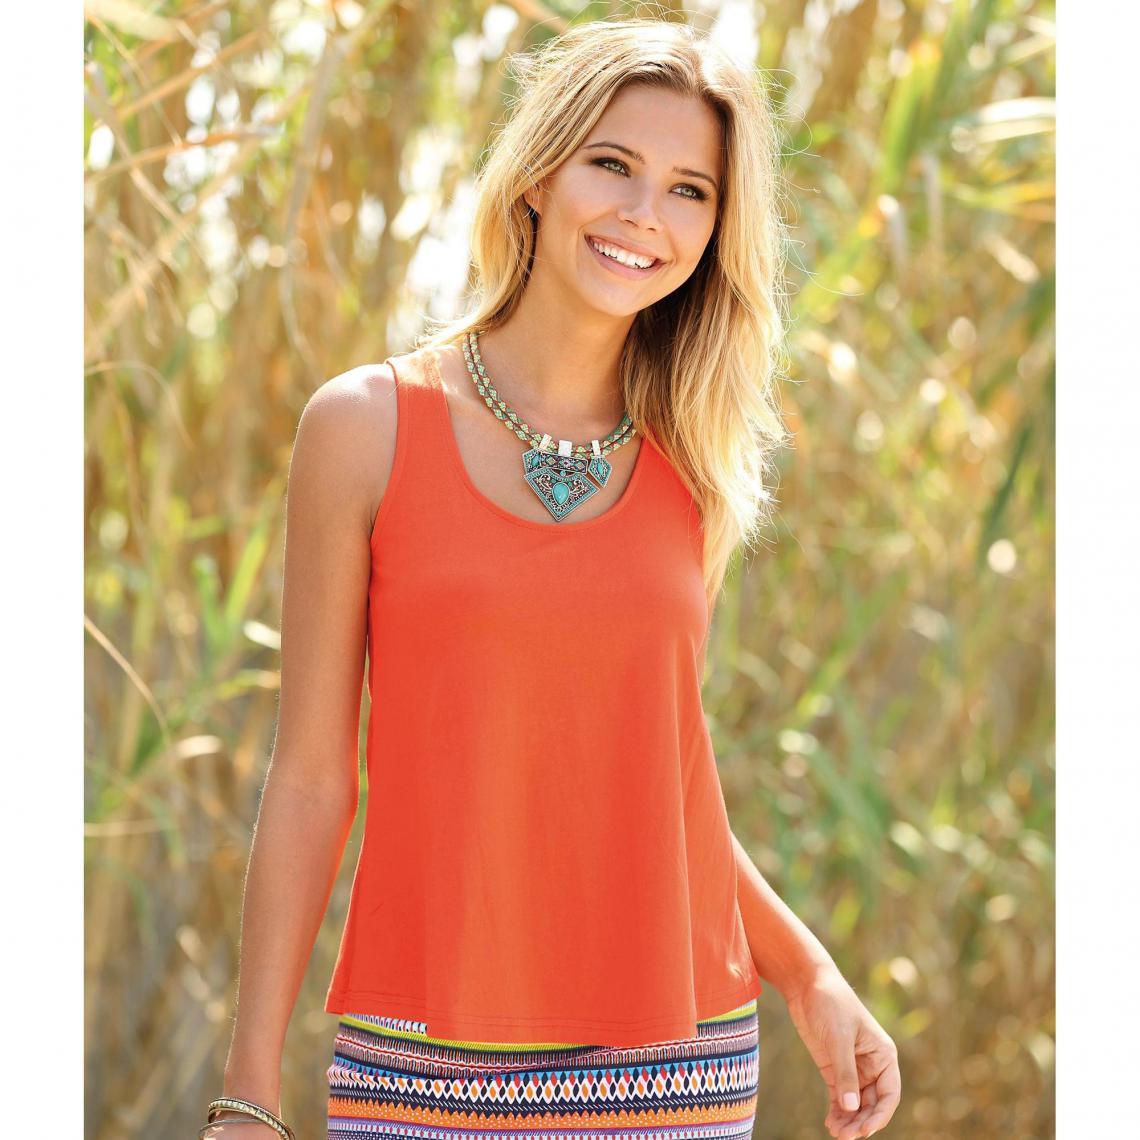 Tee-shirt à bretelles boutonnières enlacées femme - Orange Qx772